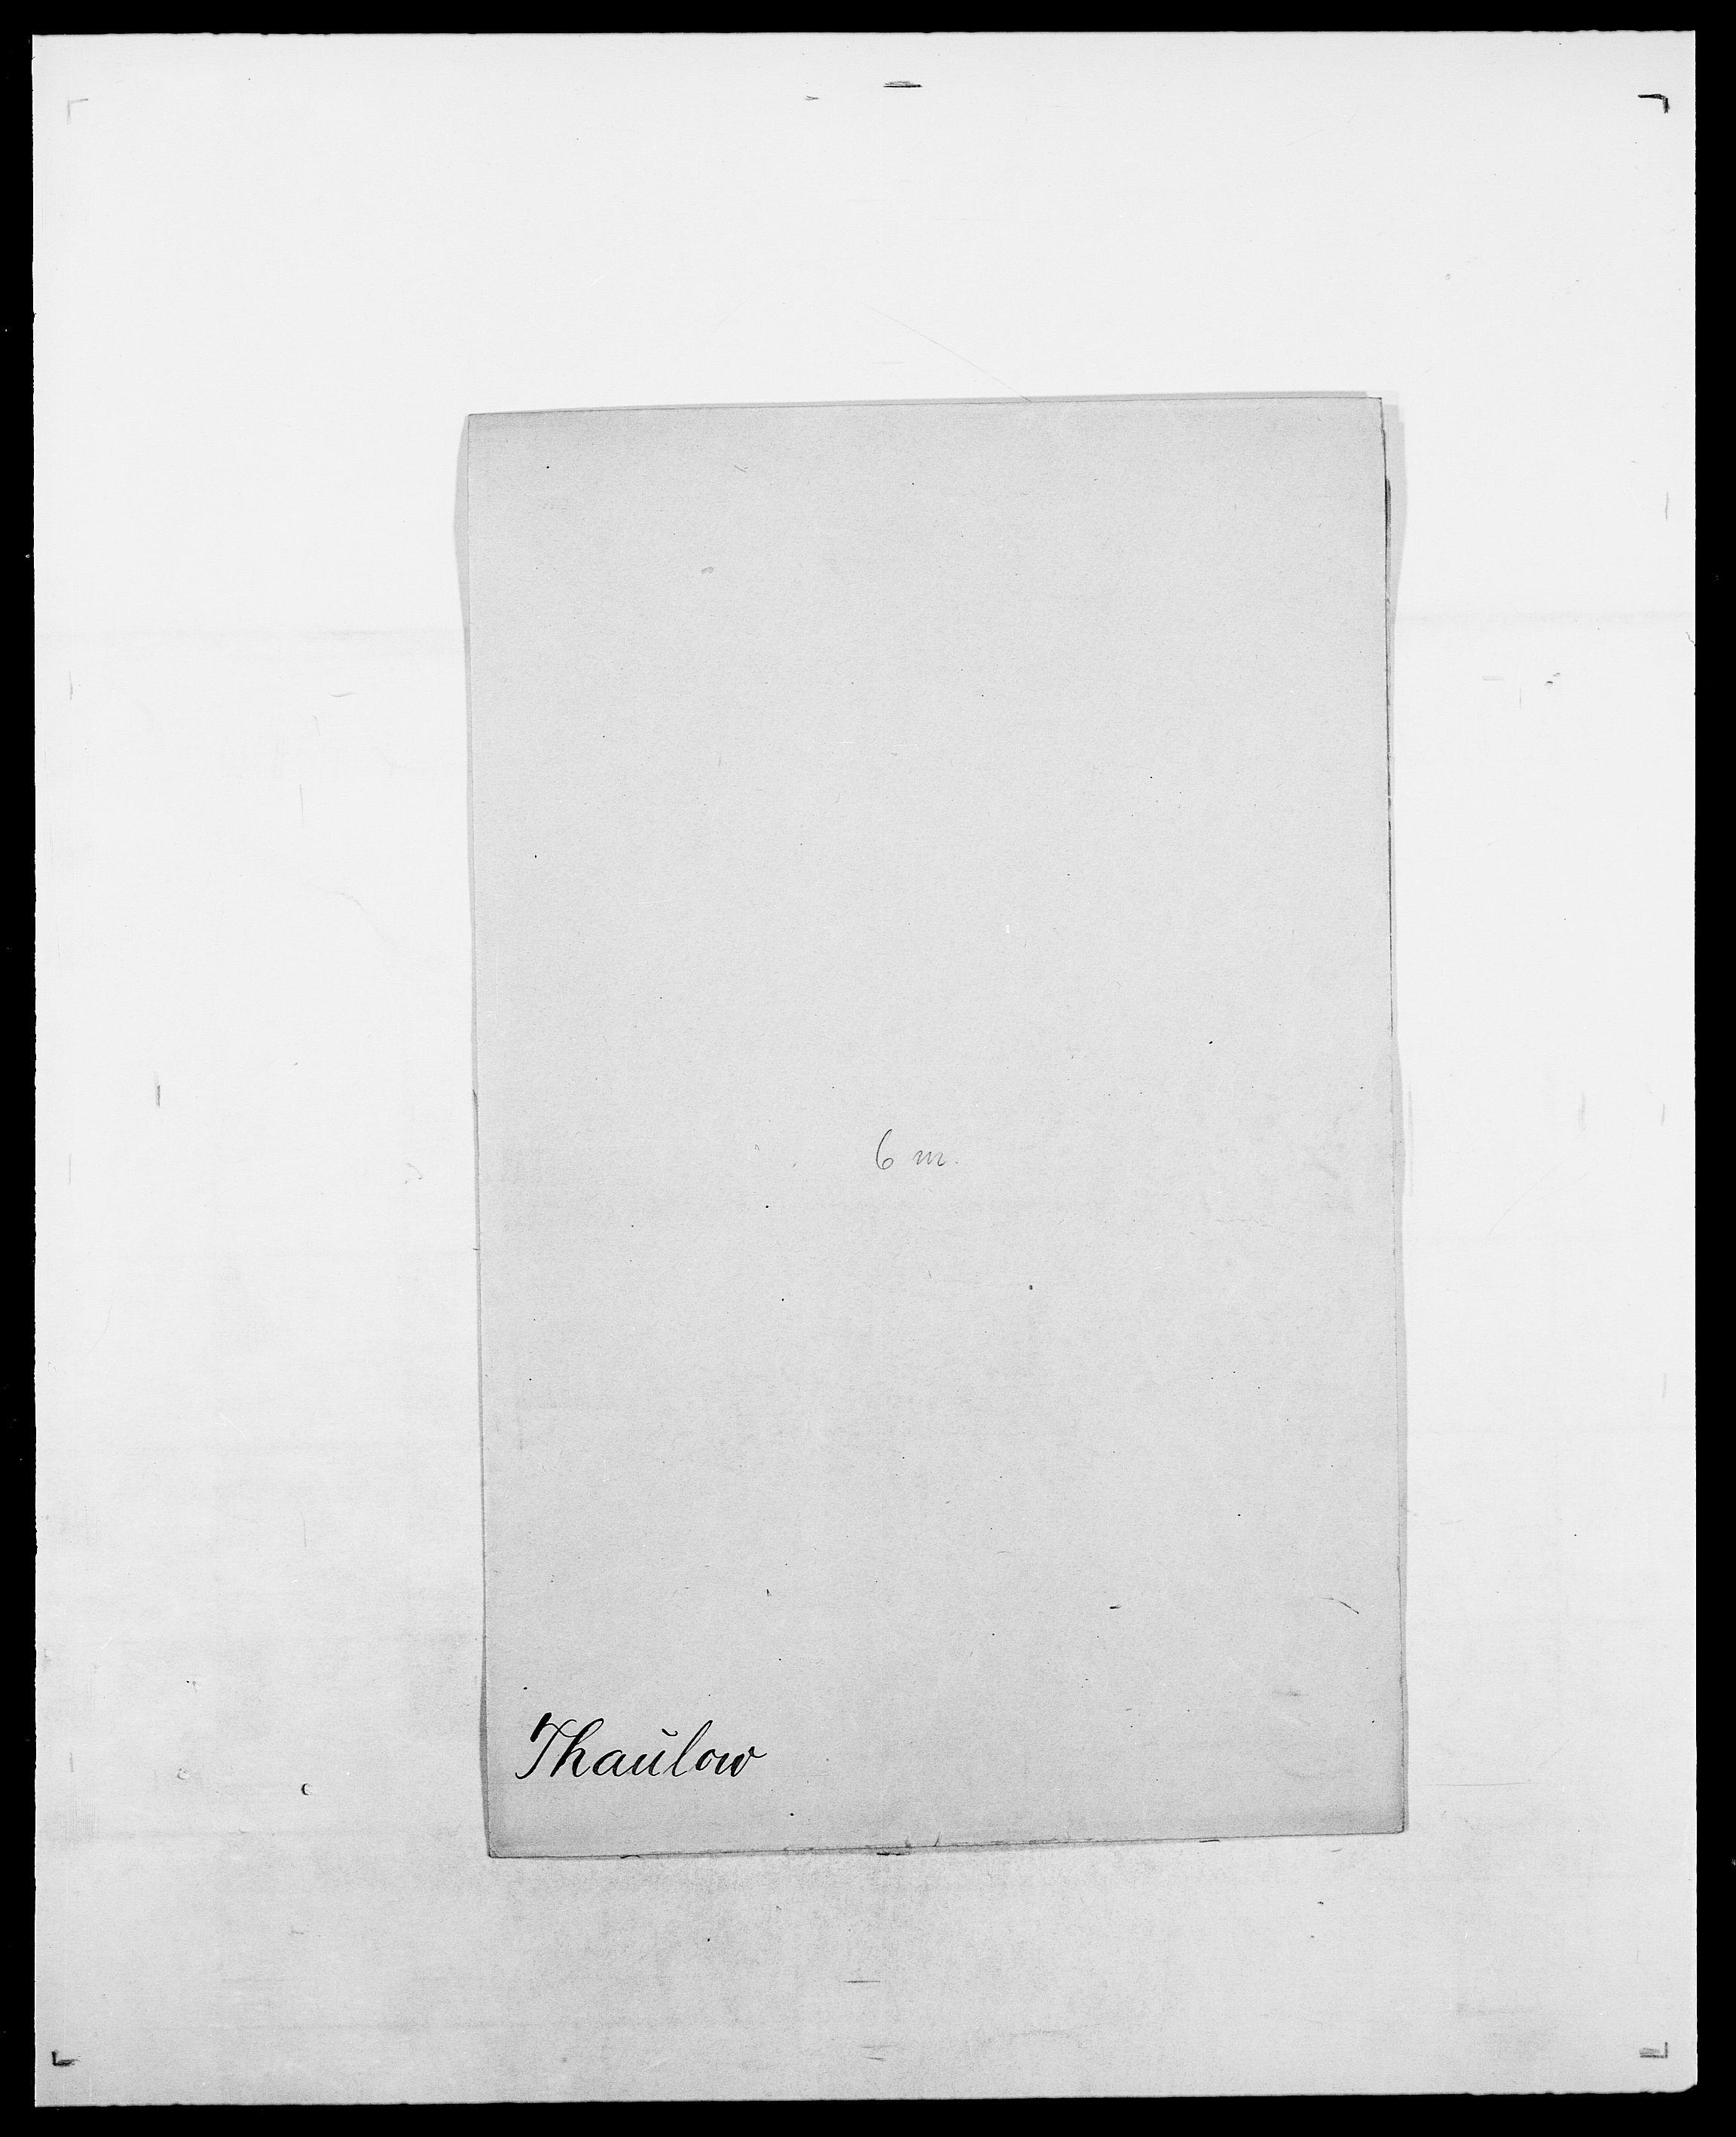 SAO, Delgobe, Charles Antoine - samling, D/Da/L0038: Svanenskjold - Thornsohn, s. 461